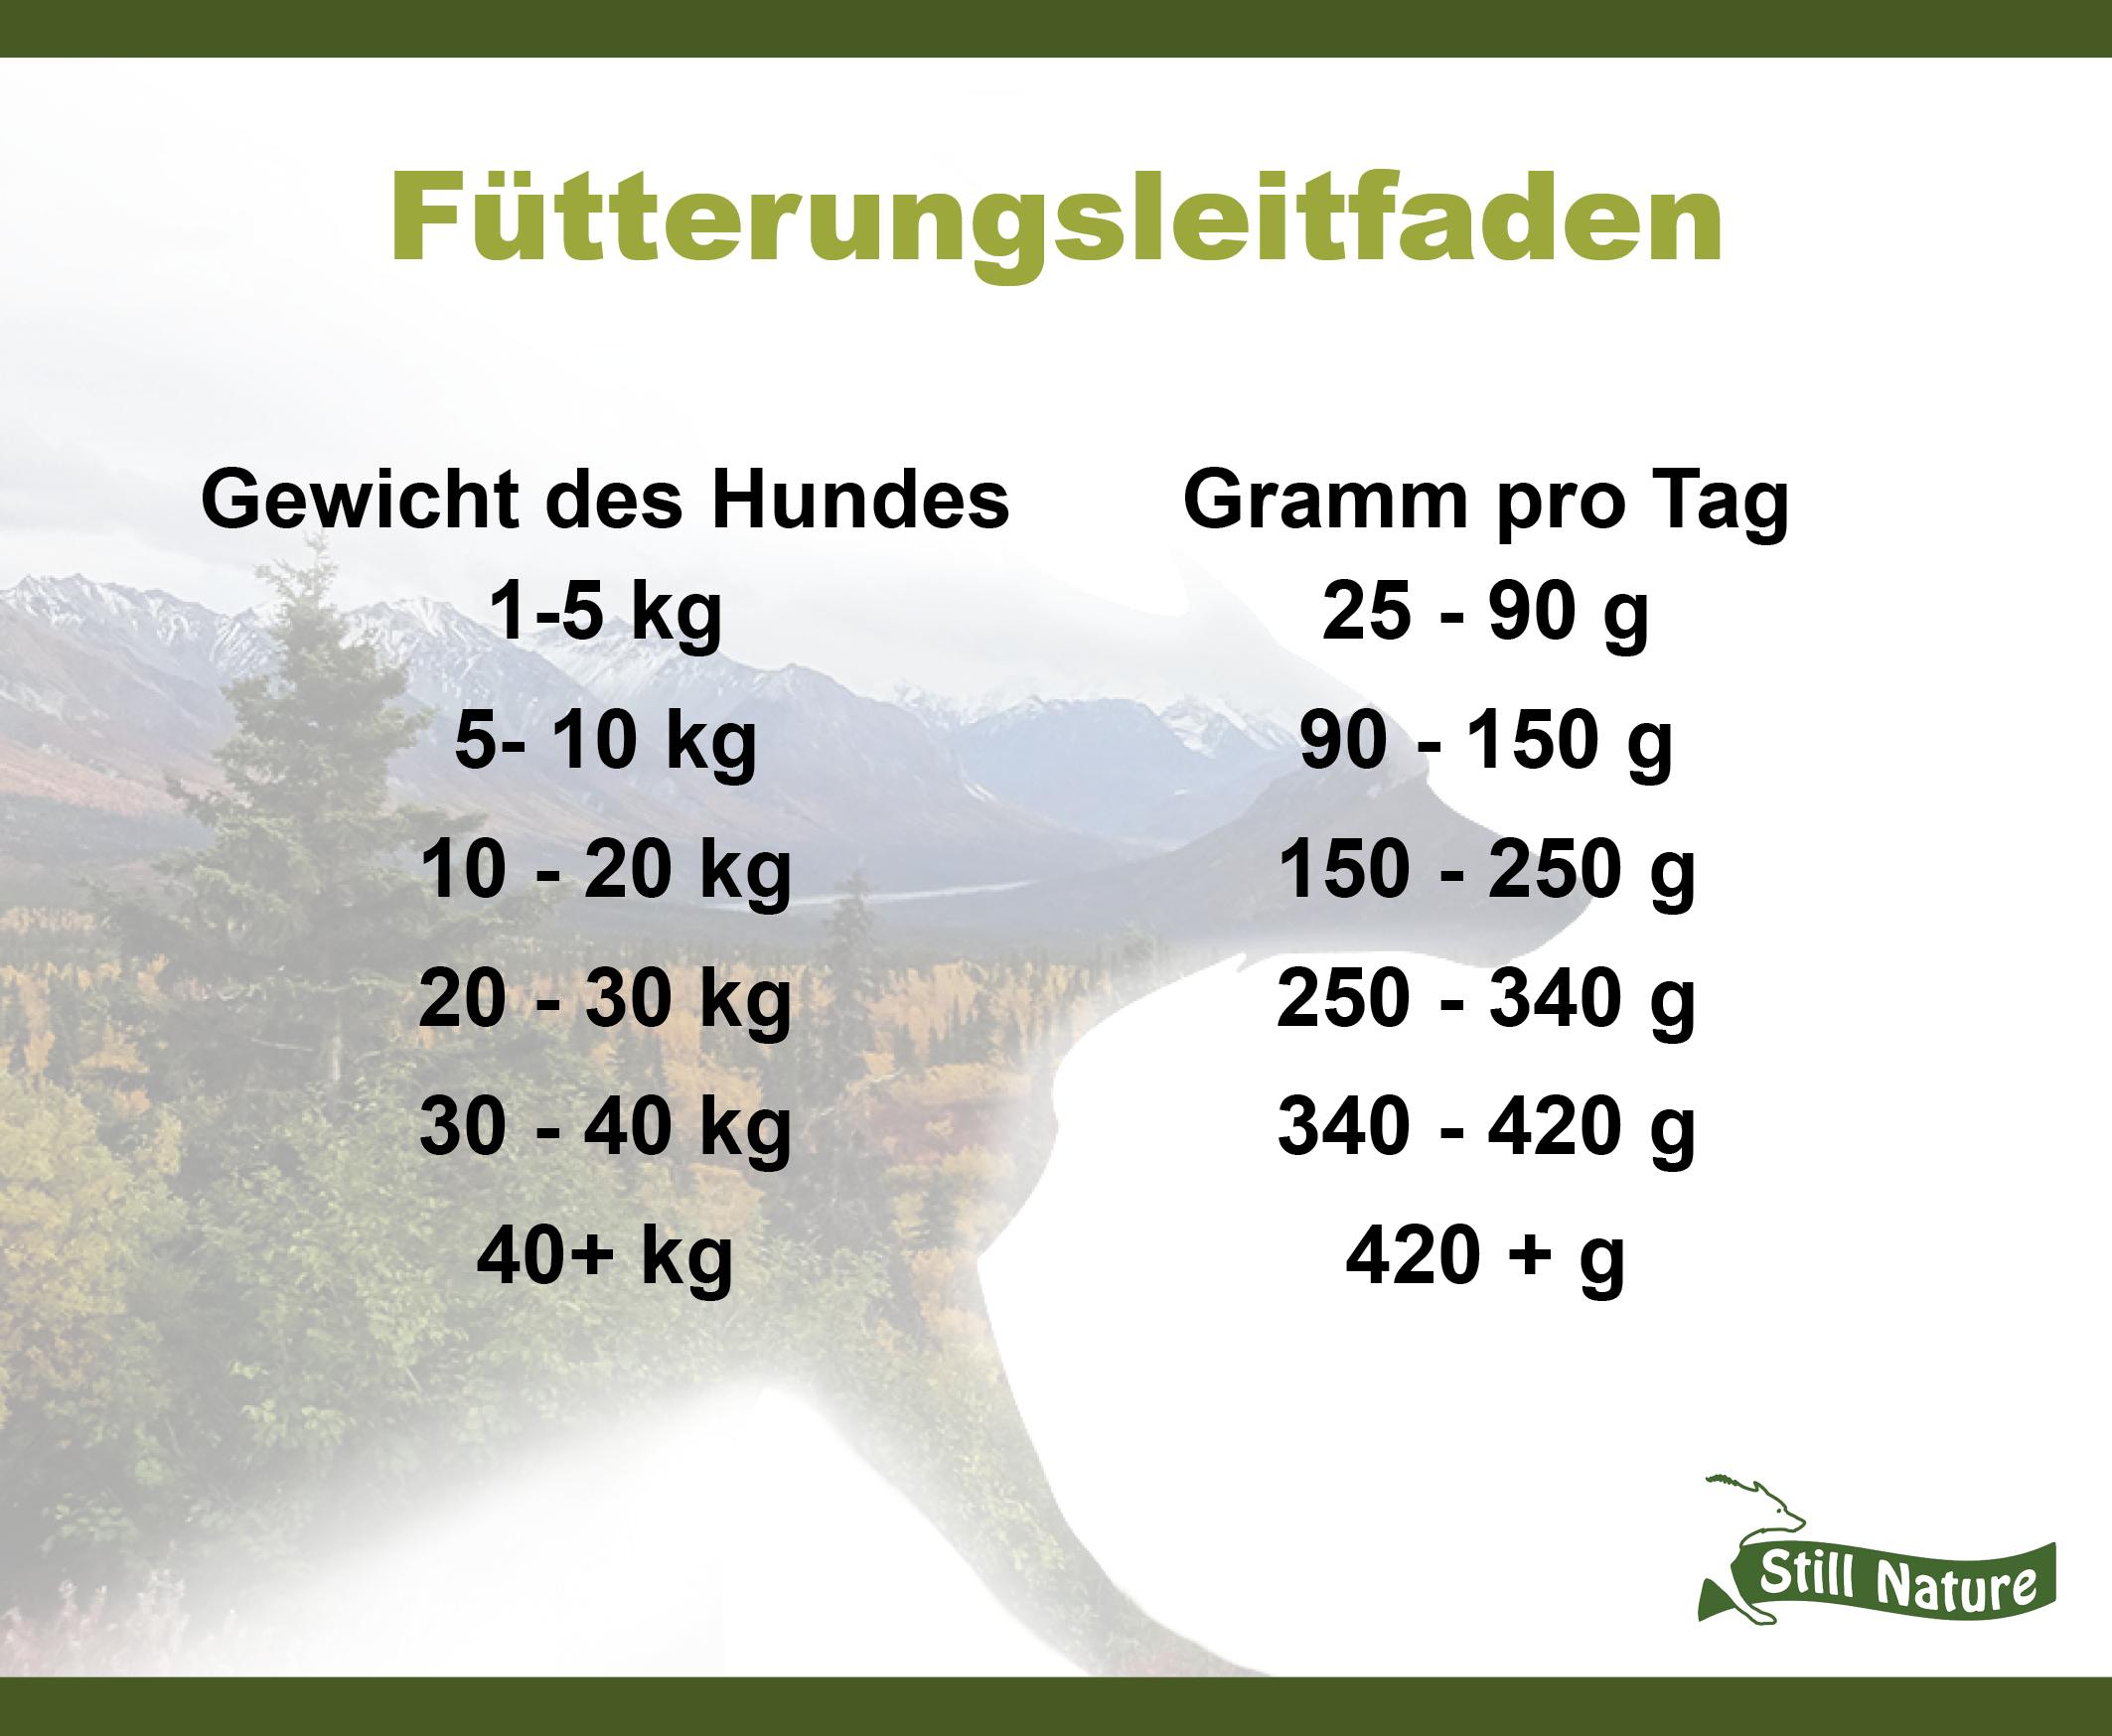 Hier findest du den Fütterungsleitfaden für die Still Nature Sorte Lamm, Süßkartoffel und Minze